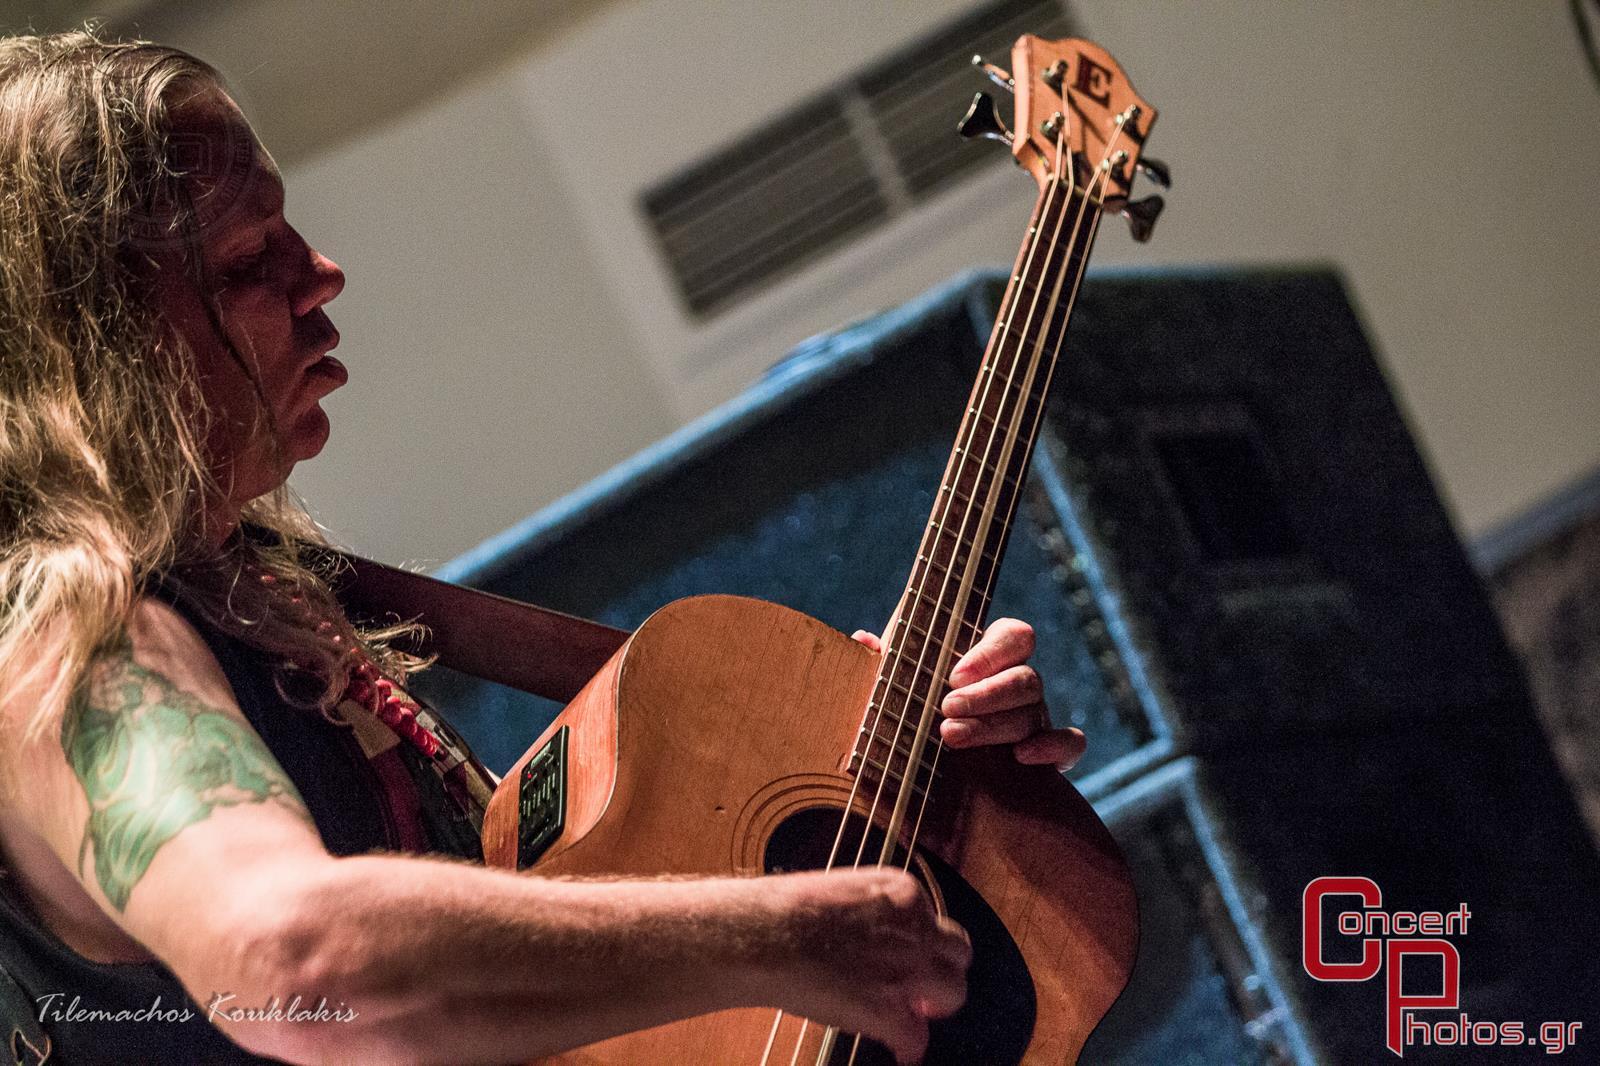 Violent Femmes-Violent Femmes photographer:  - concertphotos_20140619_00_43_54-3